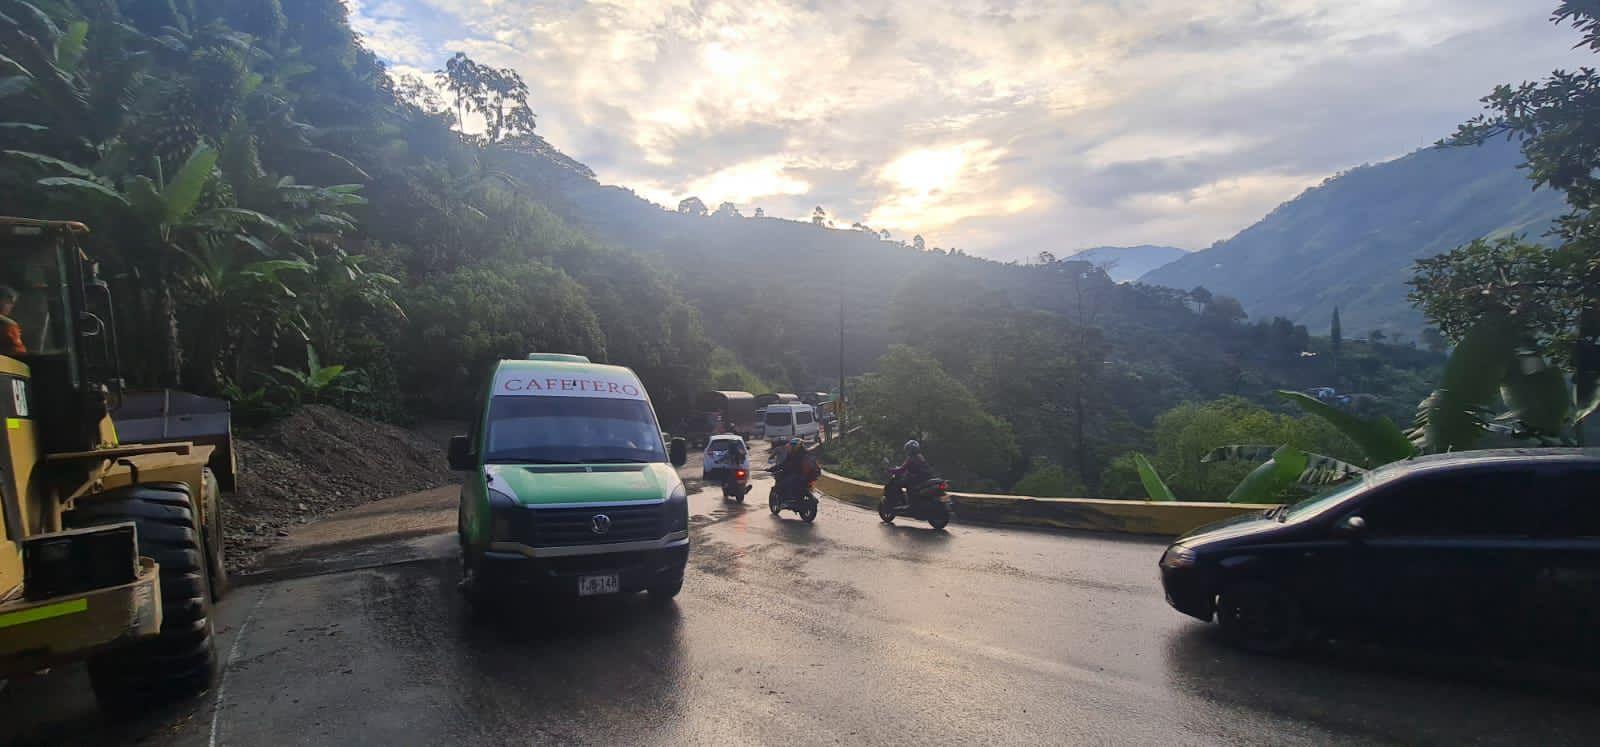 Se habilita la movilidad en la vía Ibagué - Cajamarca tras afectaciones por el invierno 4